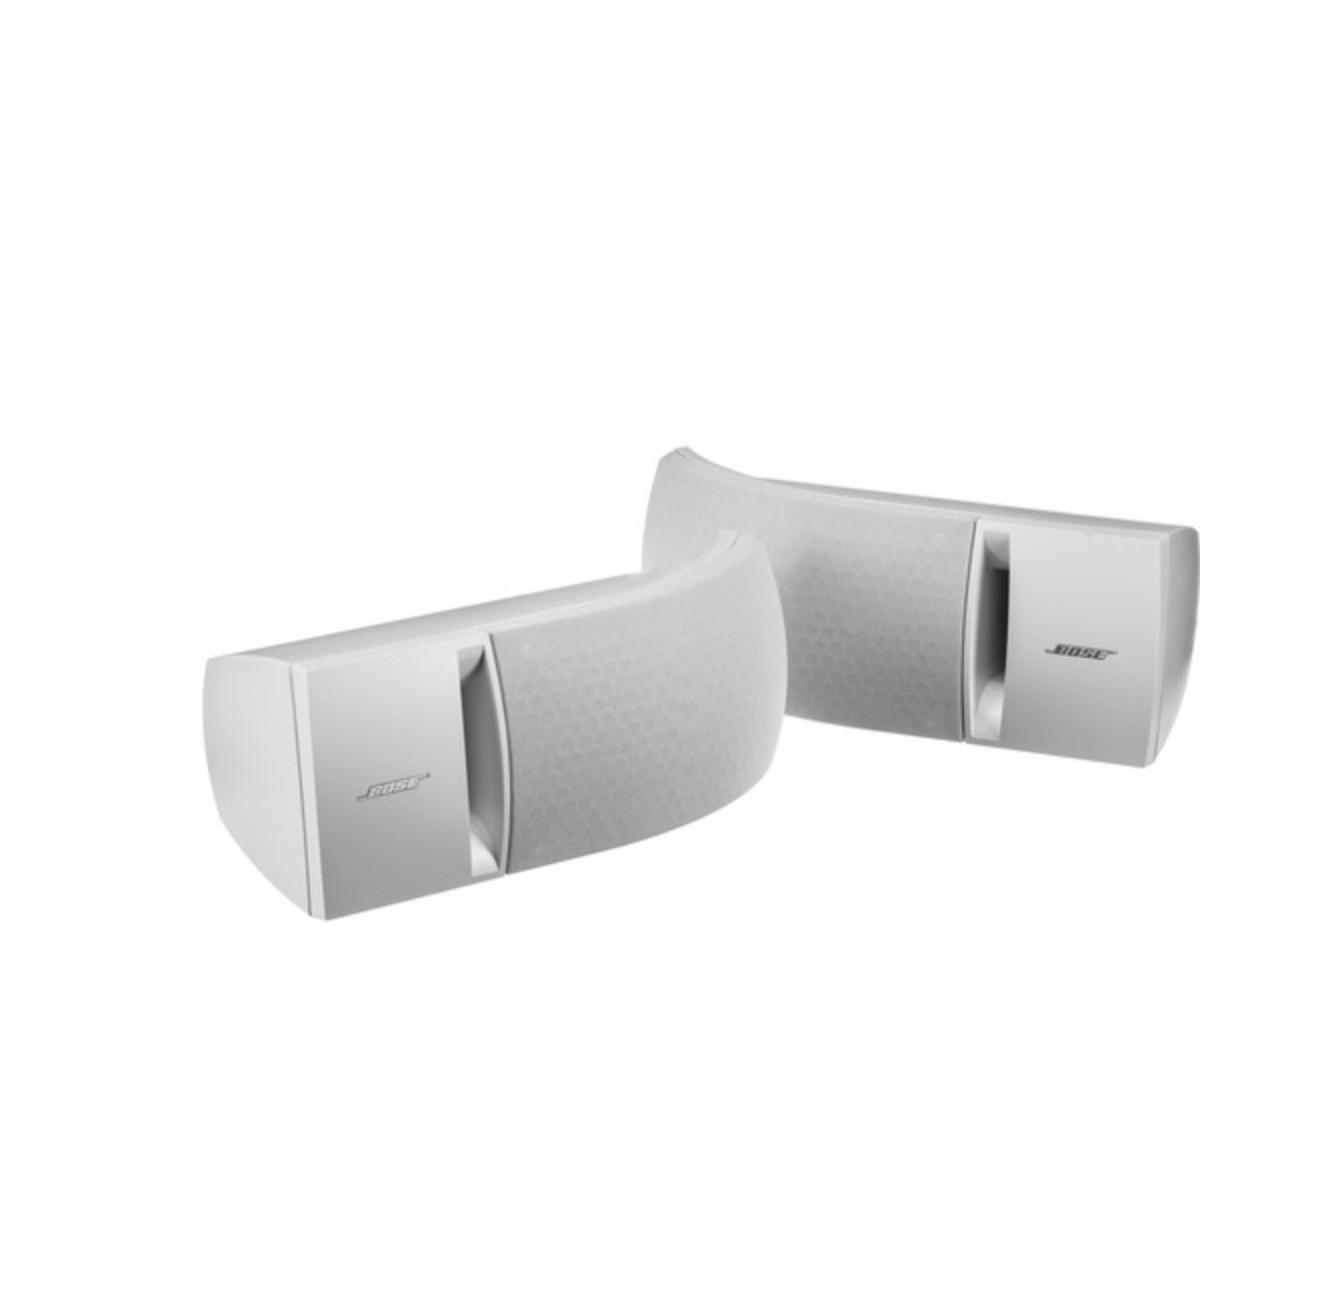 Caixa Acústica Bose 161 Full-range ( Par) Branco